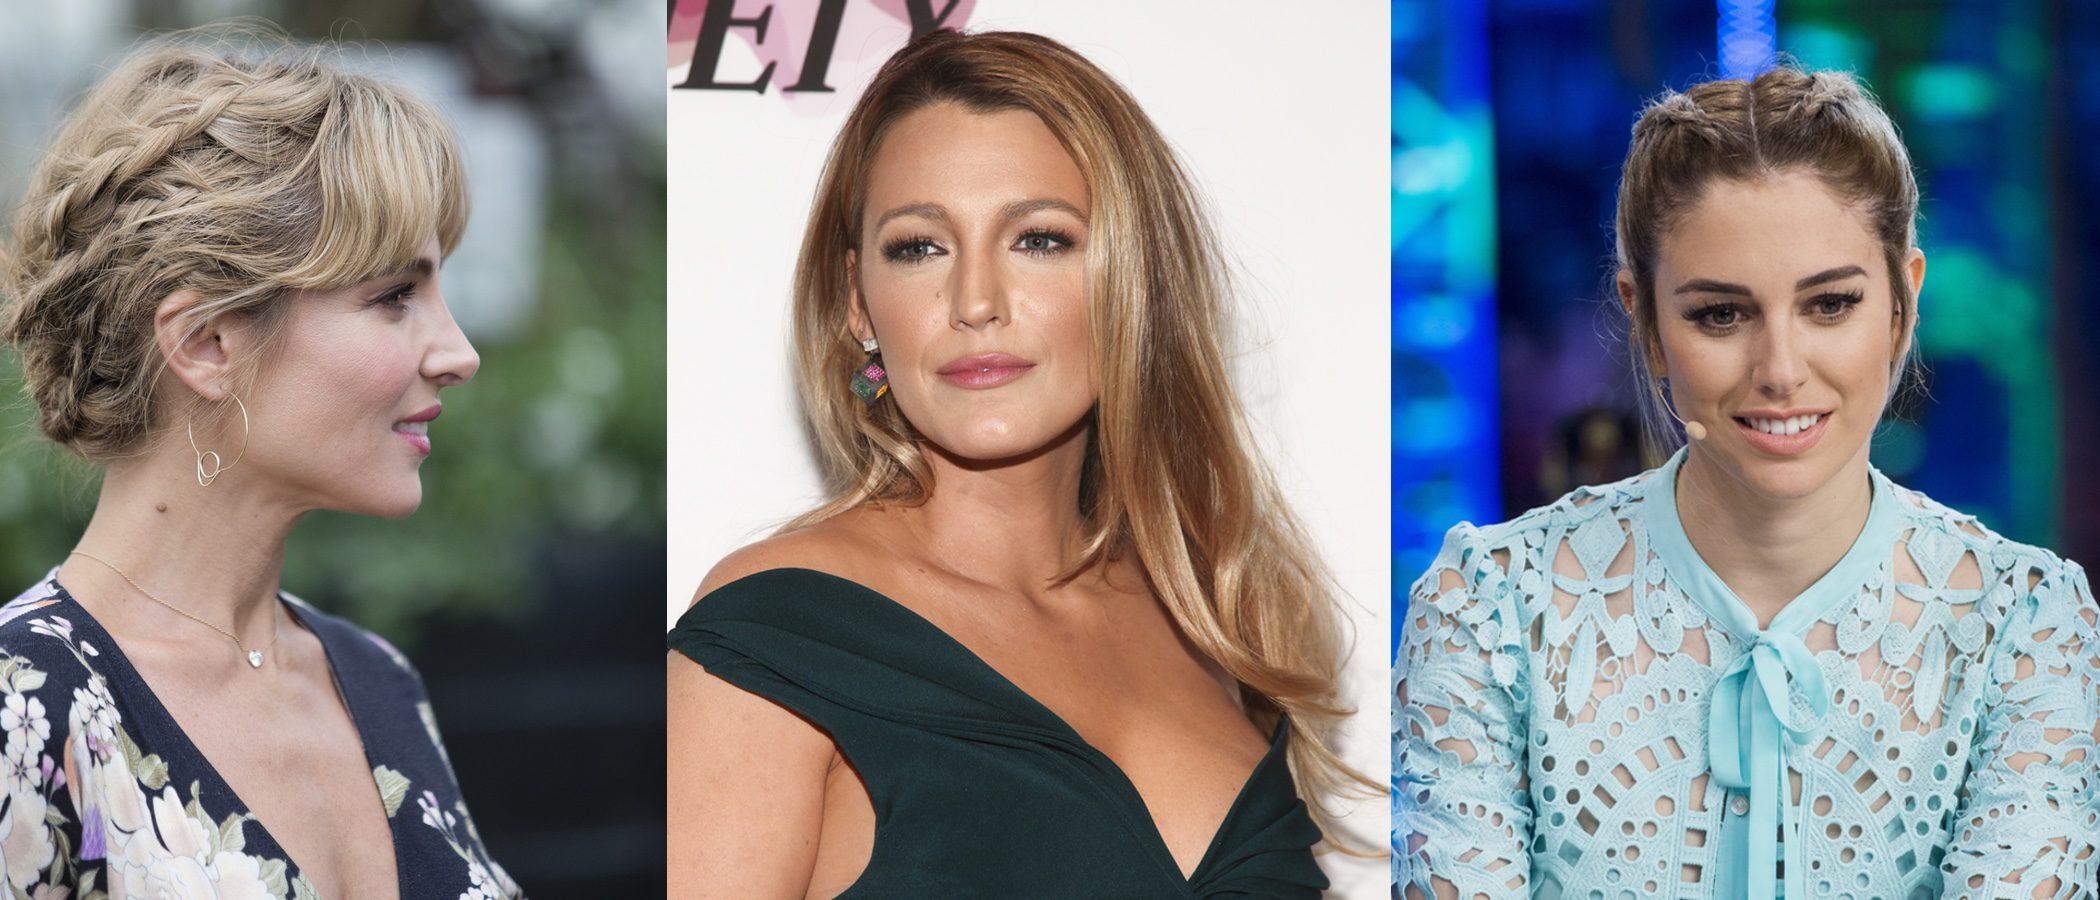 Blake Lively, Blanca Suárez y Elsa Pataky, entre los mejores beauty looks de la semana